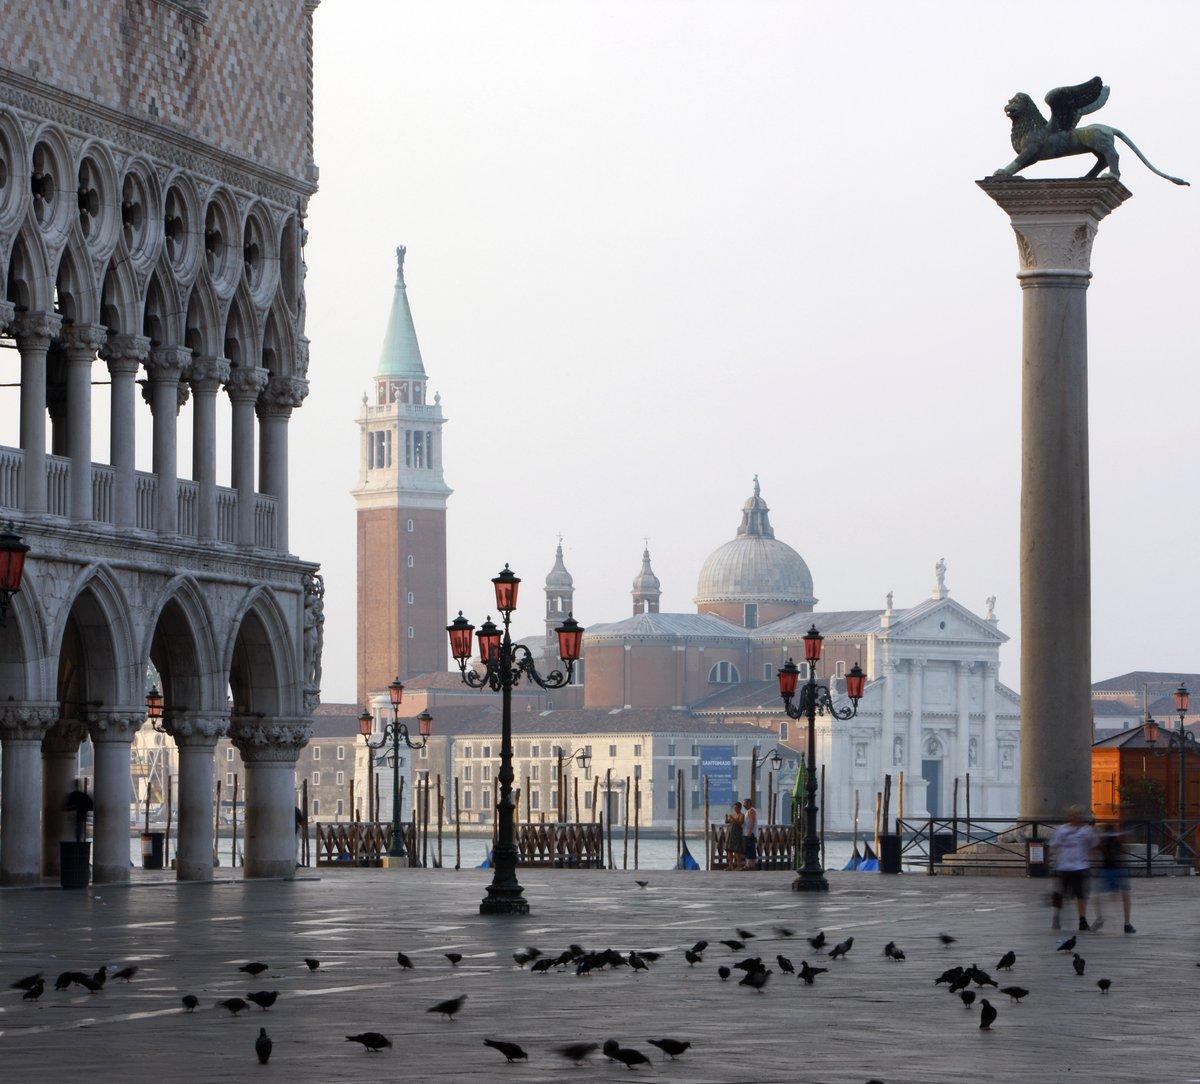 Постер Венеция Острове и церковь Сан-Джорджо Маджоре, Венеция, ИталияВенеция<br>Постер на холсте или бумаге. Любого нужного вам размера. В раме или без. Подвес в комплекте. Трехслойная надежная упаковка. Доставим в любую точку России. Вам осталось только повесить картину на стену!<br>